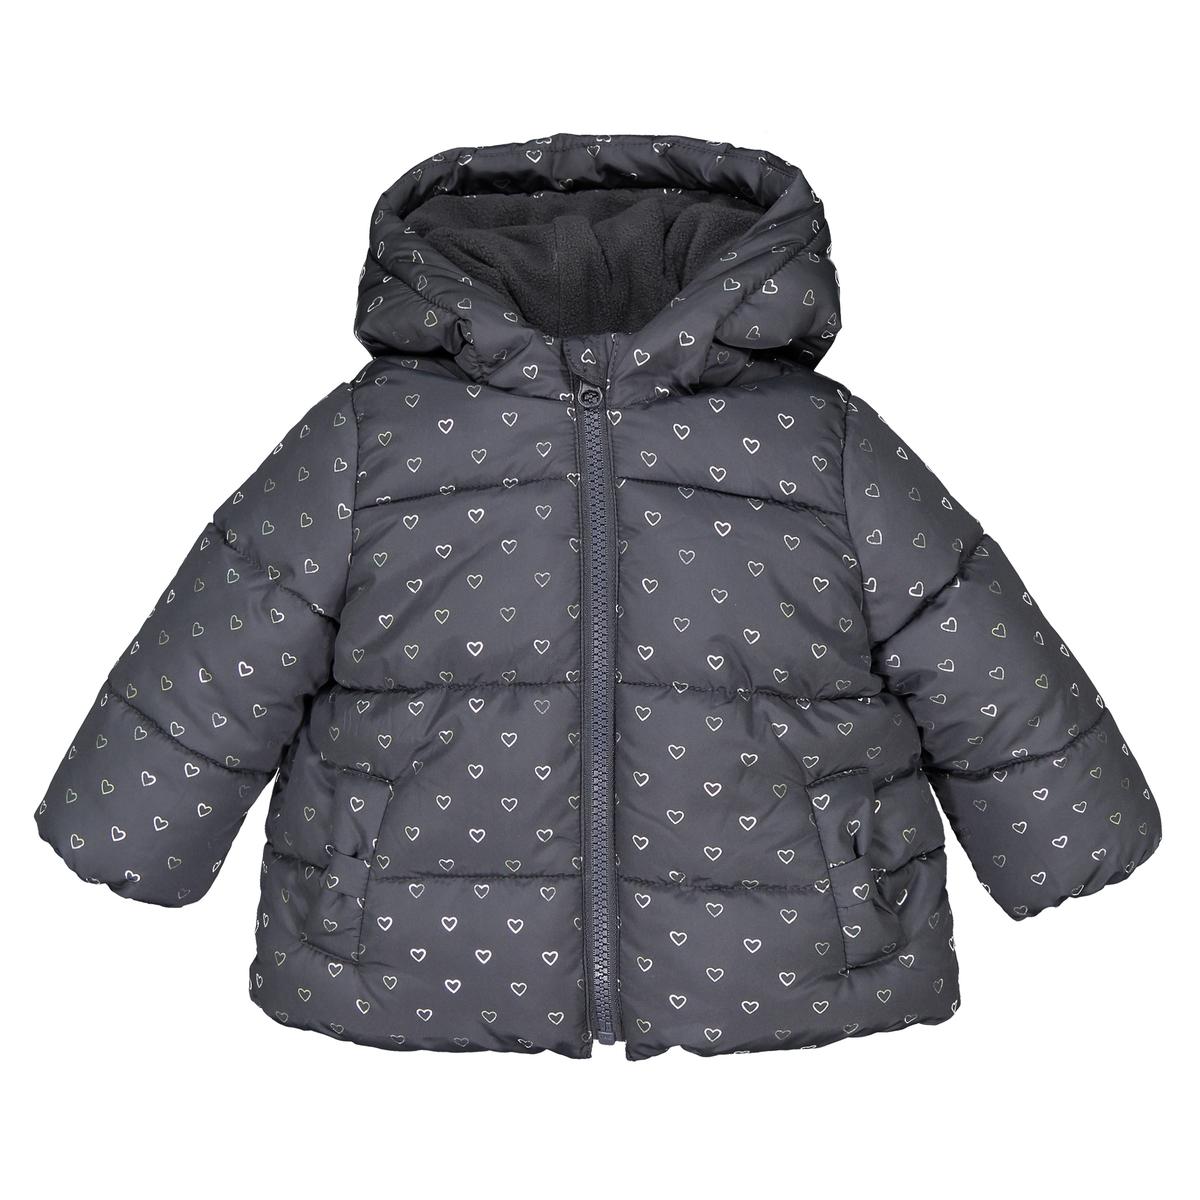 цена Куртка La Redoute Стеганая с утепленным капюшоном мес - лет 3 мес. - 60 см серый онлайн в 2017 году